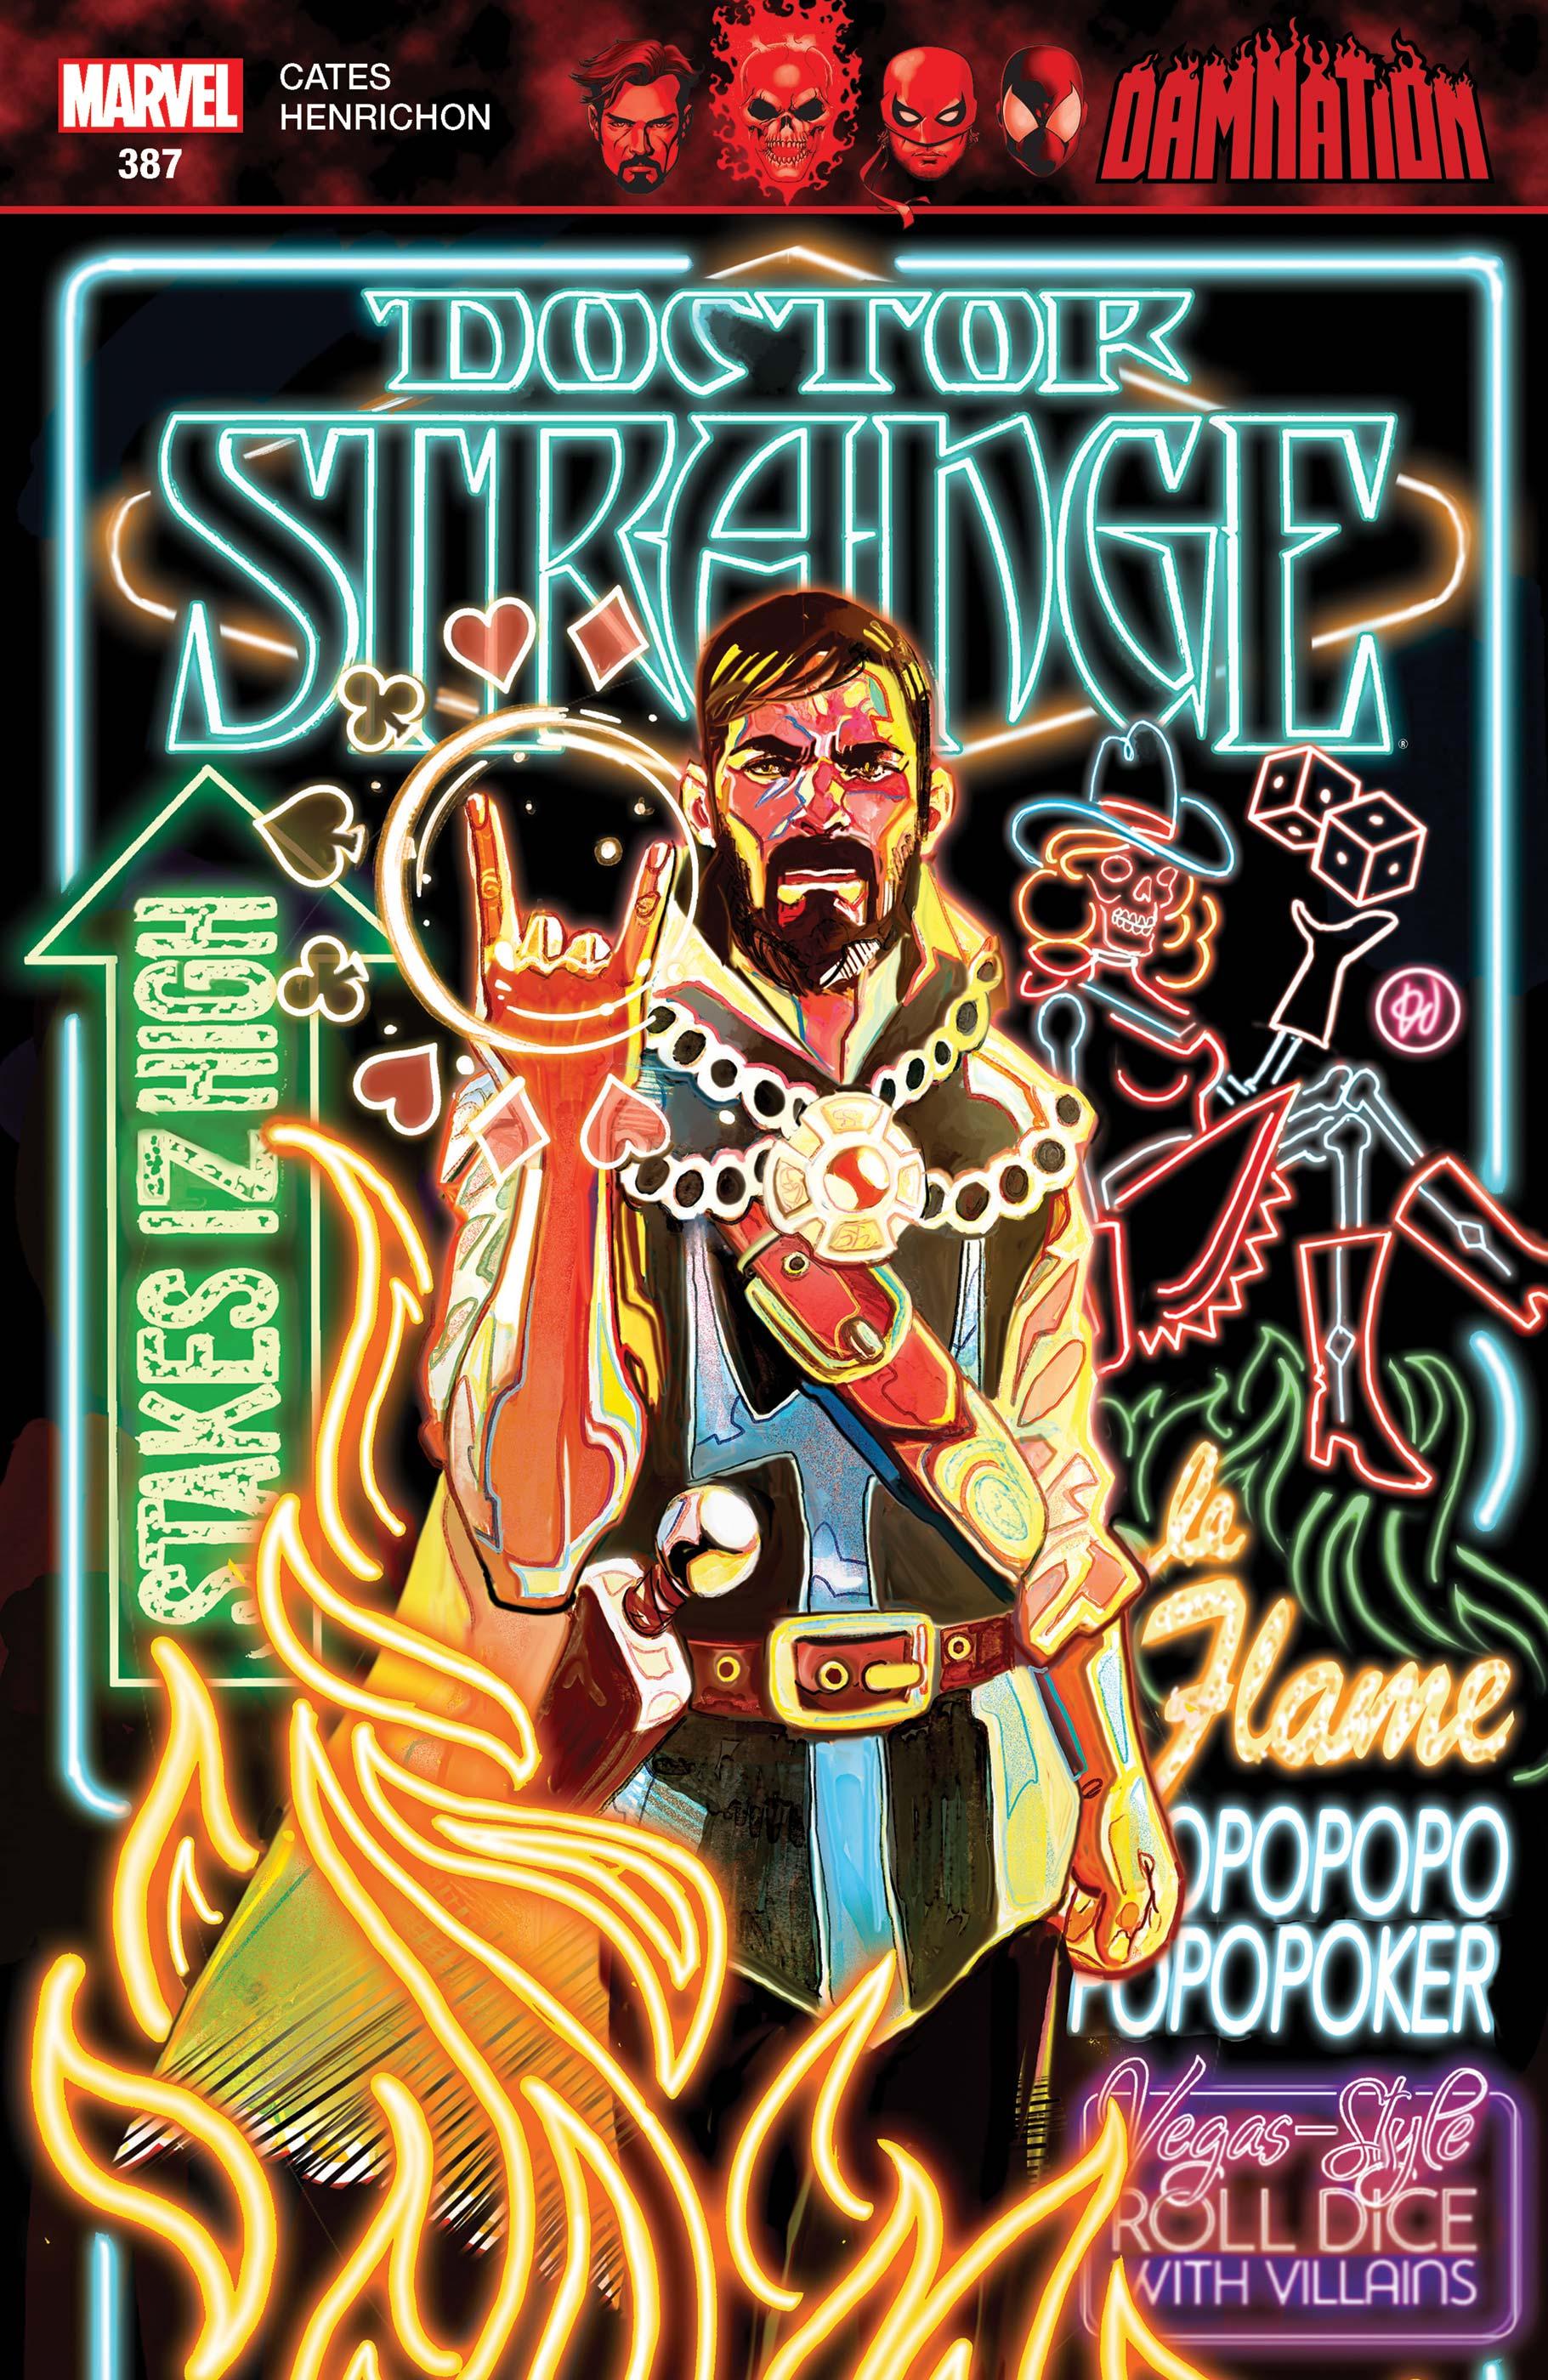 Doctor Strange (2015) #387